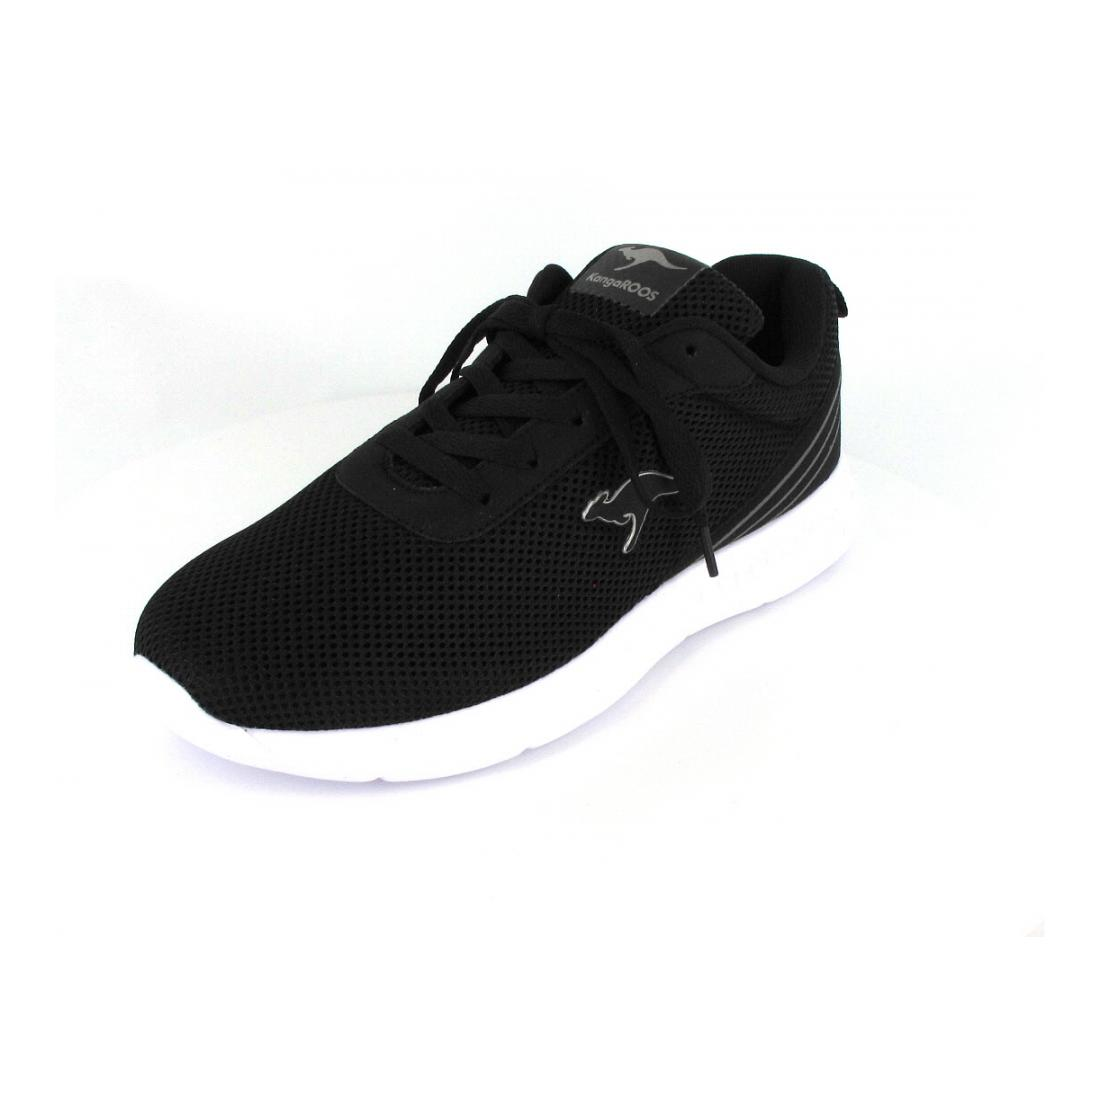 KangaRoos Sneaker KL-A Mudo